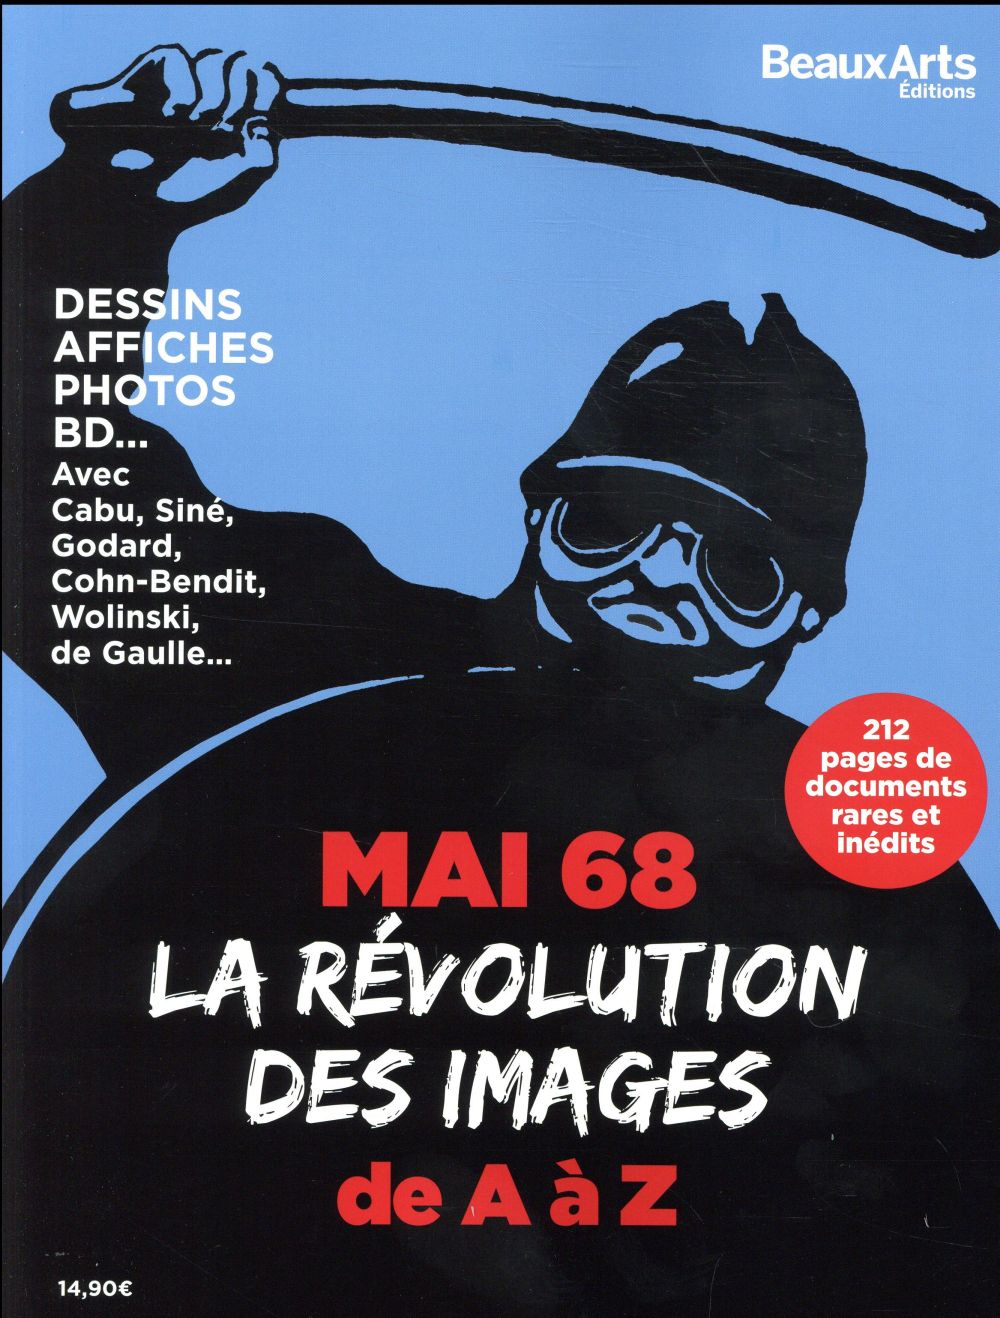 MAI 68, LA REVOLUTION DES IMAGES DE A A Z